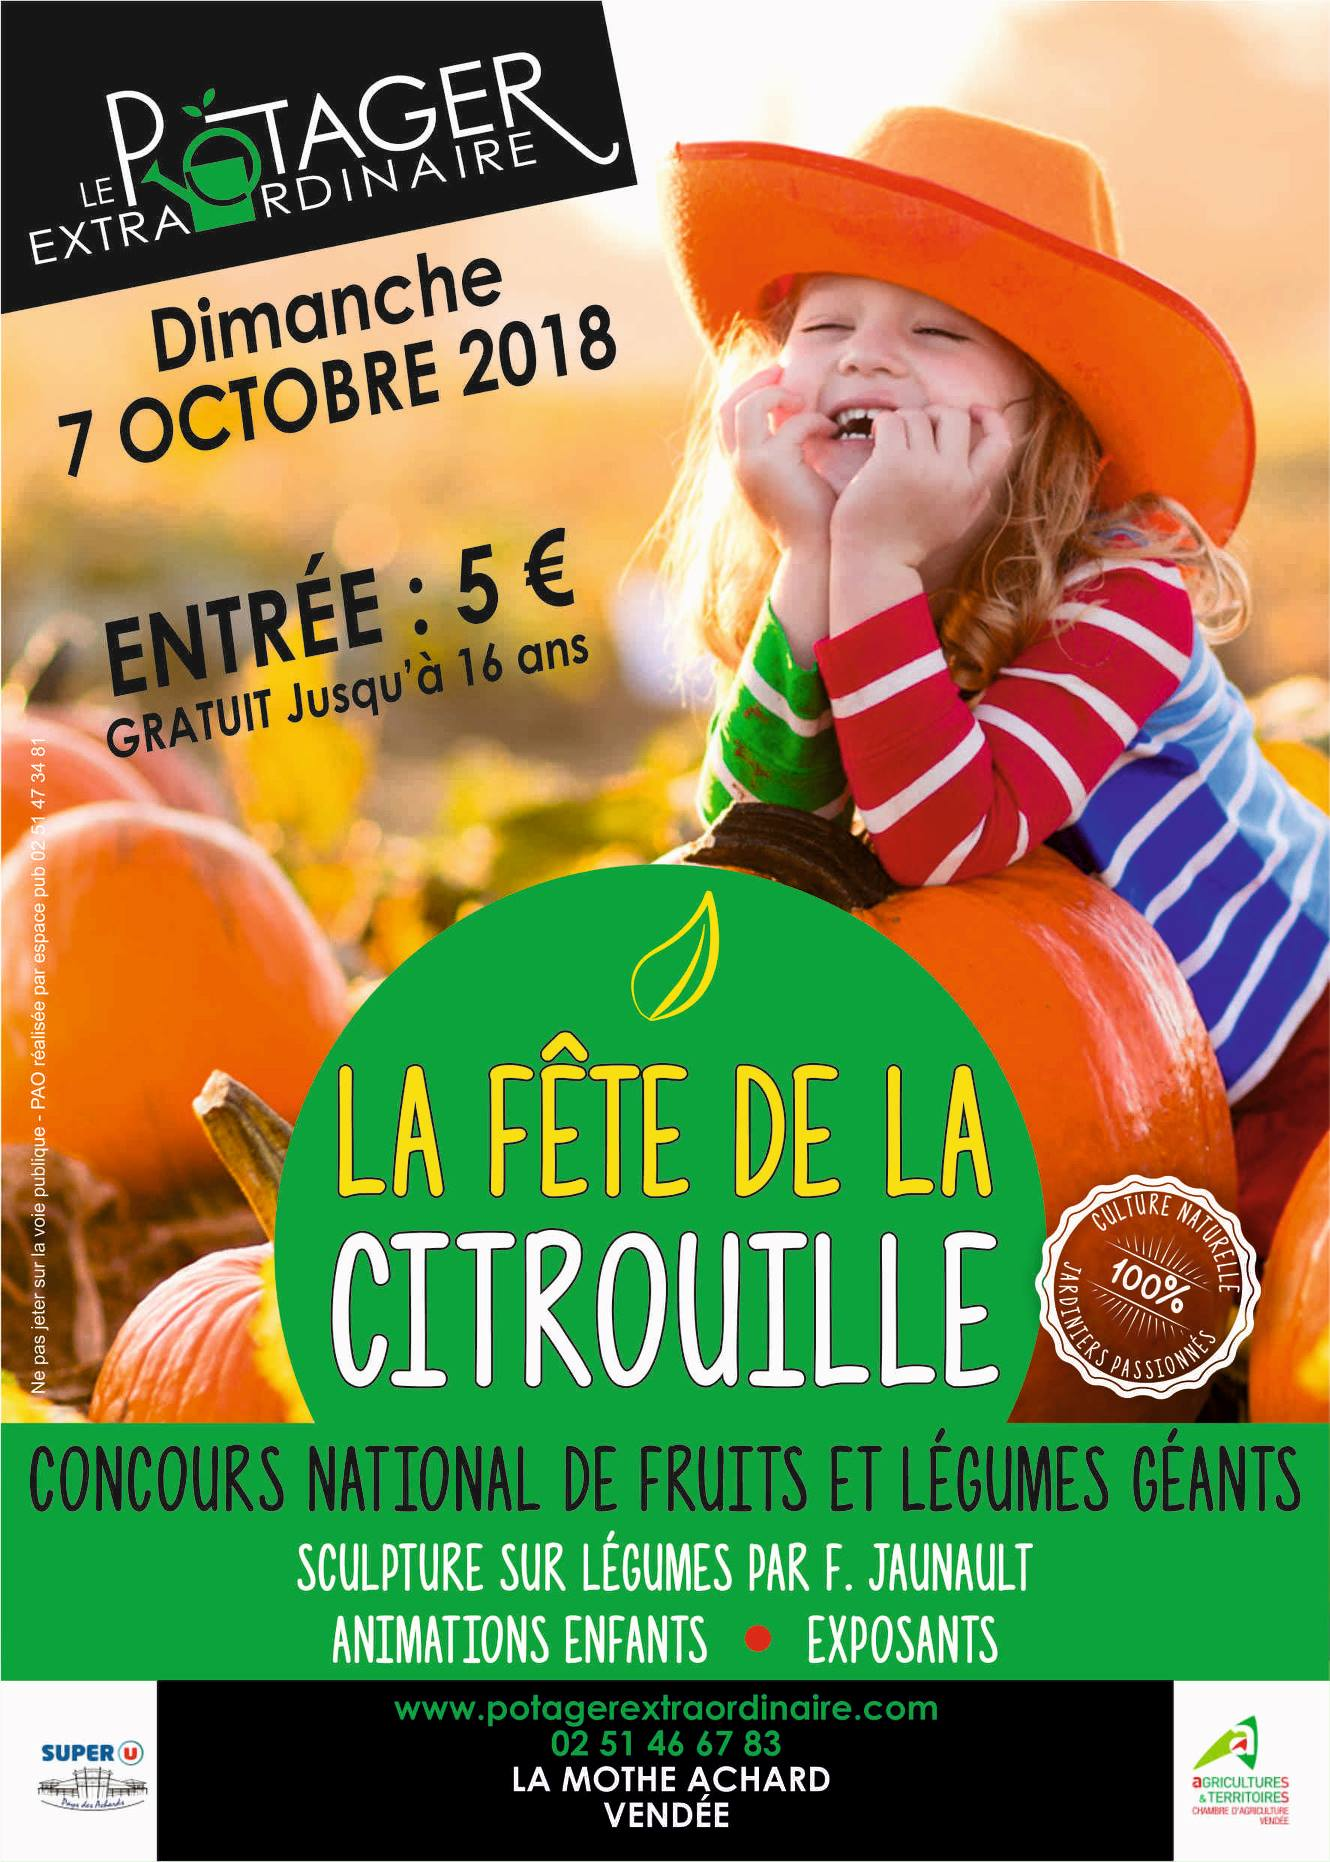 La Mothe-Achard : Concours national des fruits et légumes géants au Potager Extraordinaire le dimanche 7 octobre